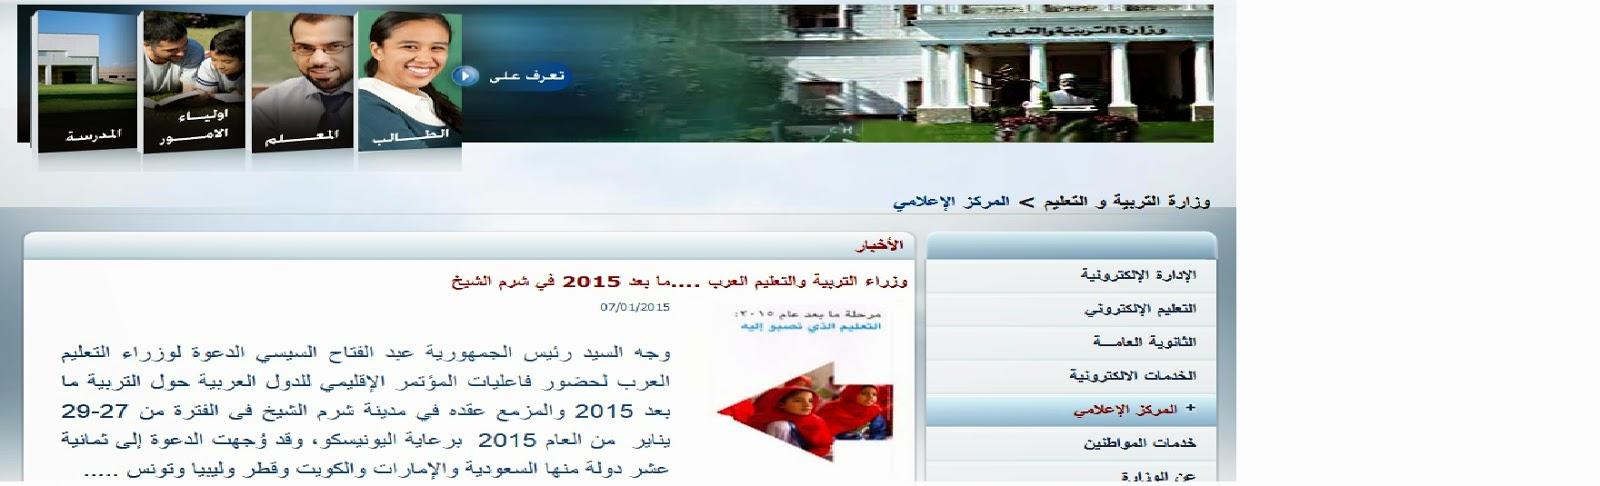 المؤتمر الإقليمي لوزراء التربية  والتعليم العرب في مصر